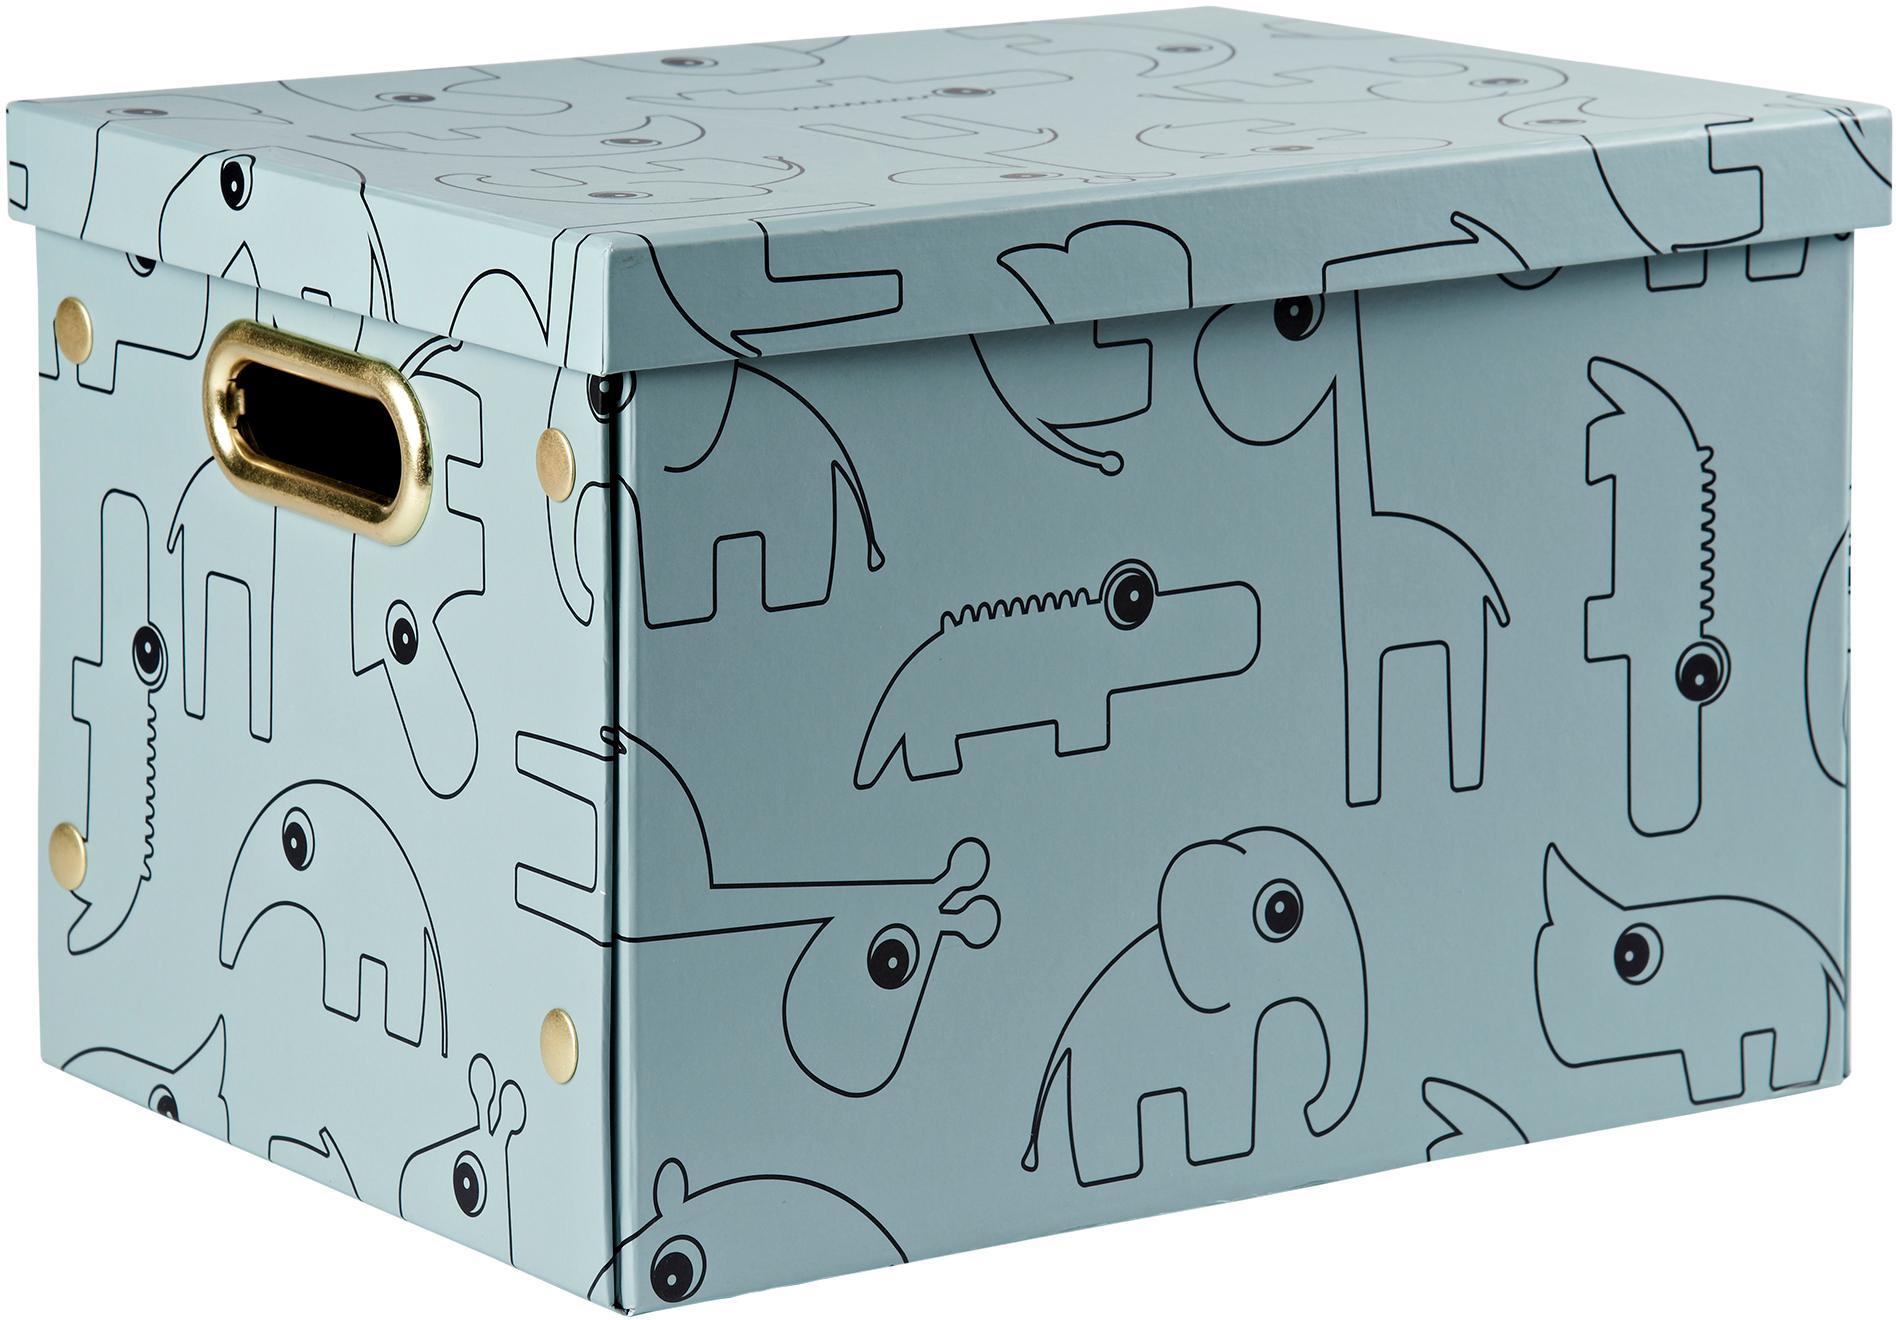 Pudełko do przechowywania Contour, Tektura laminowana, Niebieski, S 25 x W 34 cm